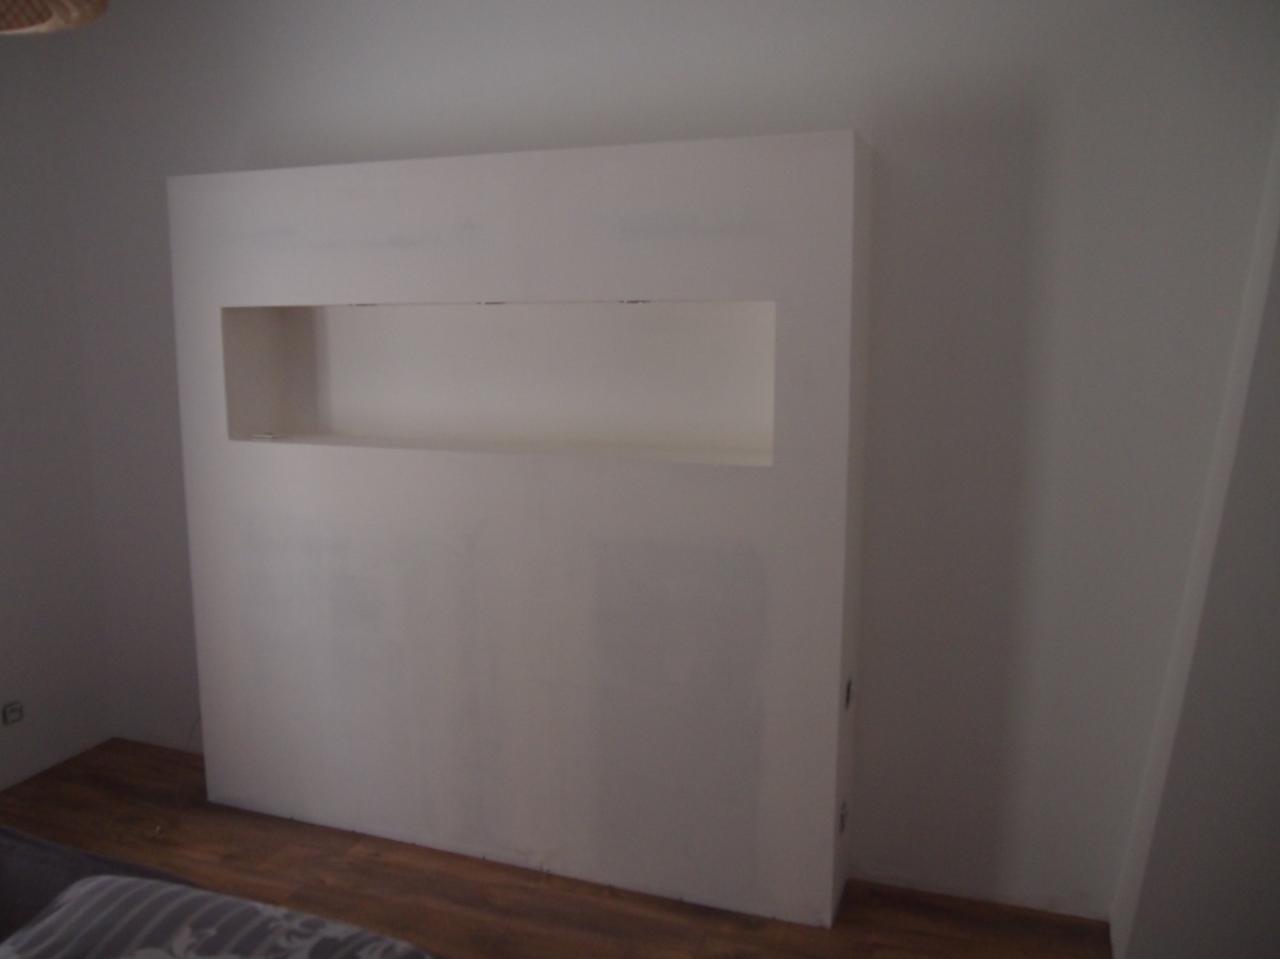 b ton cir murs de cuisine salon et t te de lit. Black Bedroom Furniture Sets. Home Design Ideas